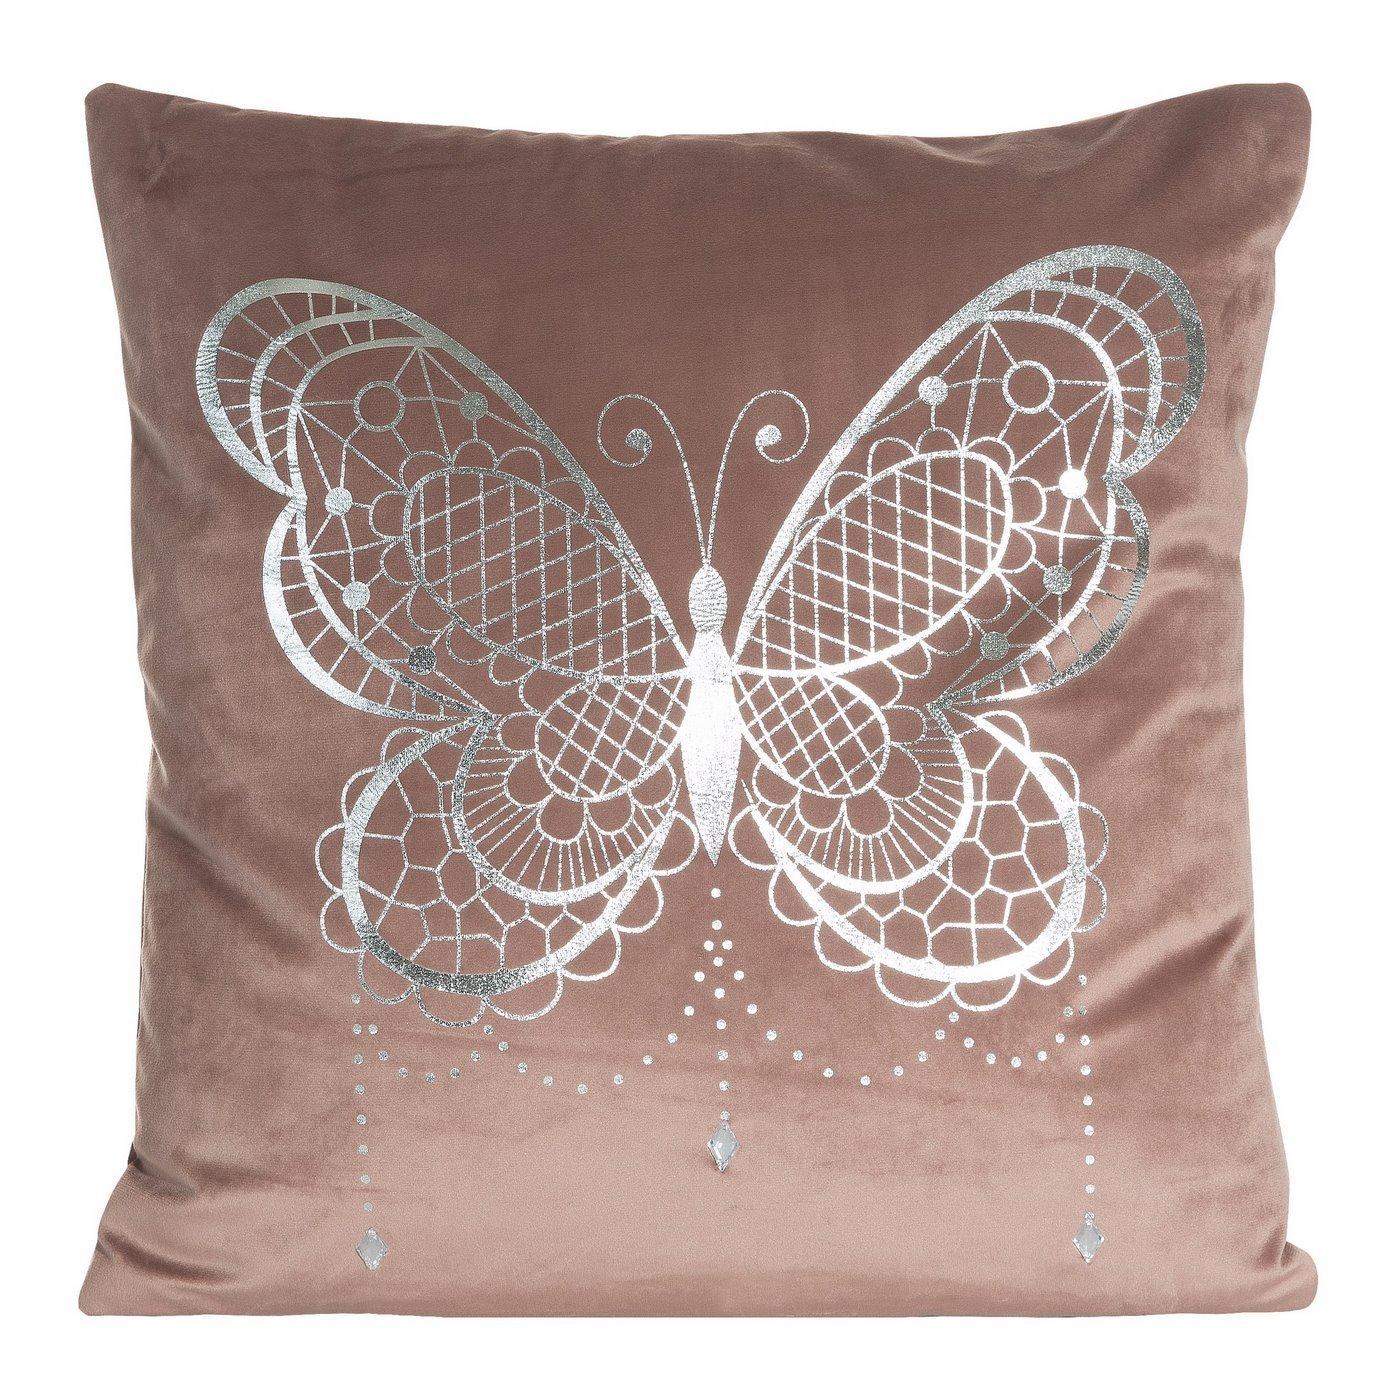 Poszewka na poduszkę różowa ze srebrnym motylem 45 x 45 cm